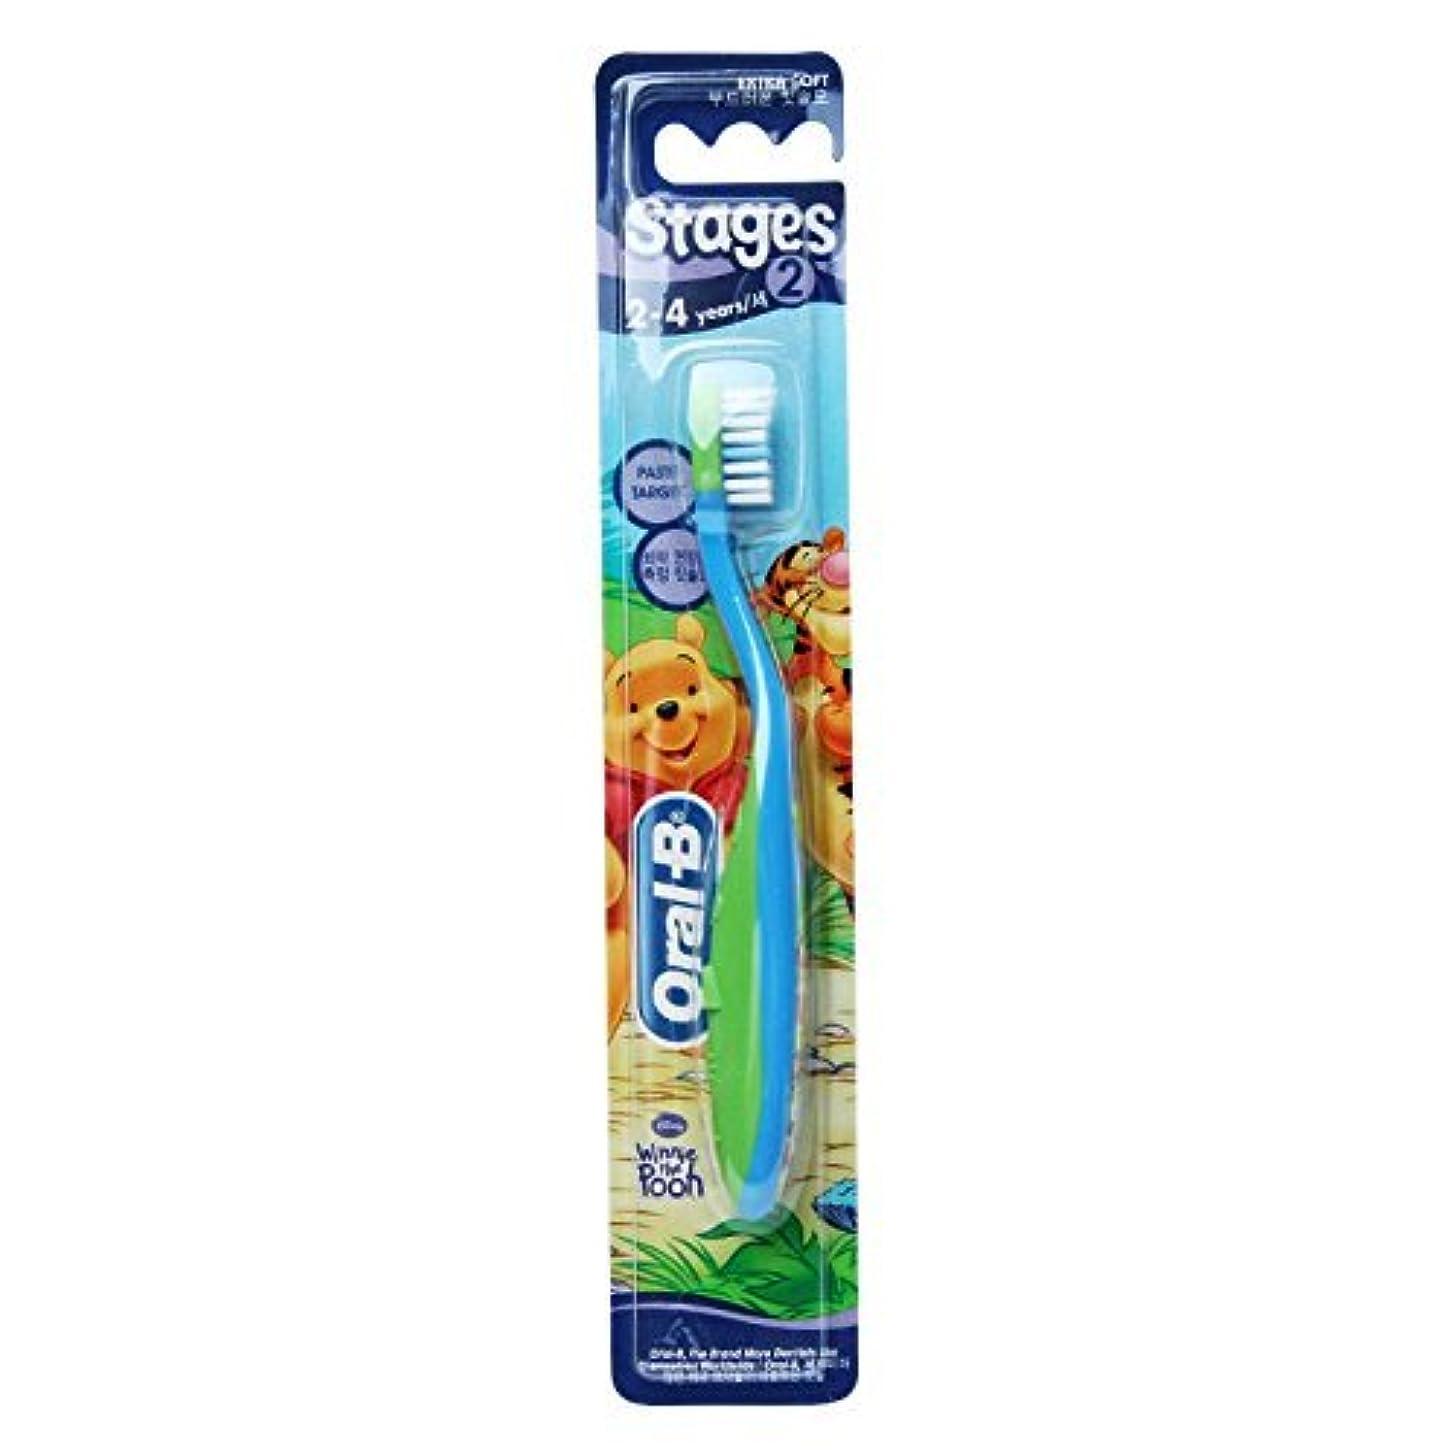 ミキサー避けるエイズOral-B Stages 2 Toothbrush 2 - 4 years 1 Pack /GENUINEと元の梱包 [並行輸入品]